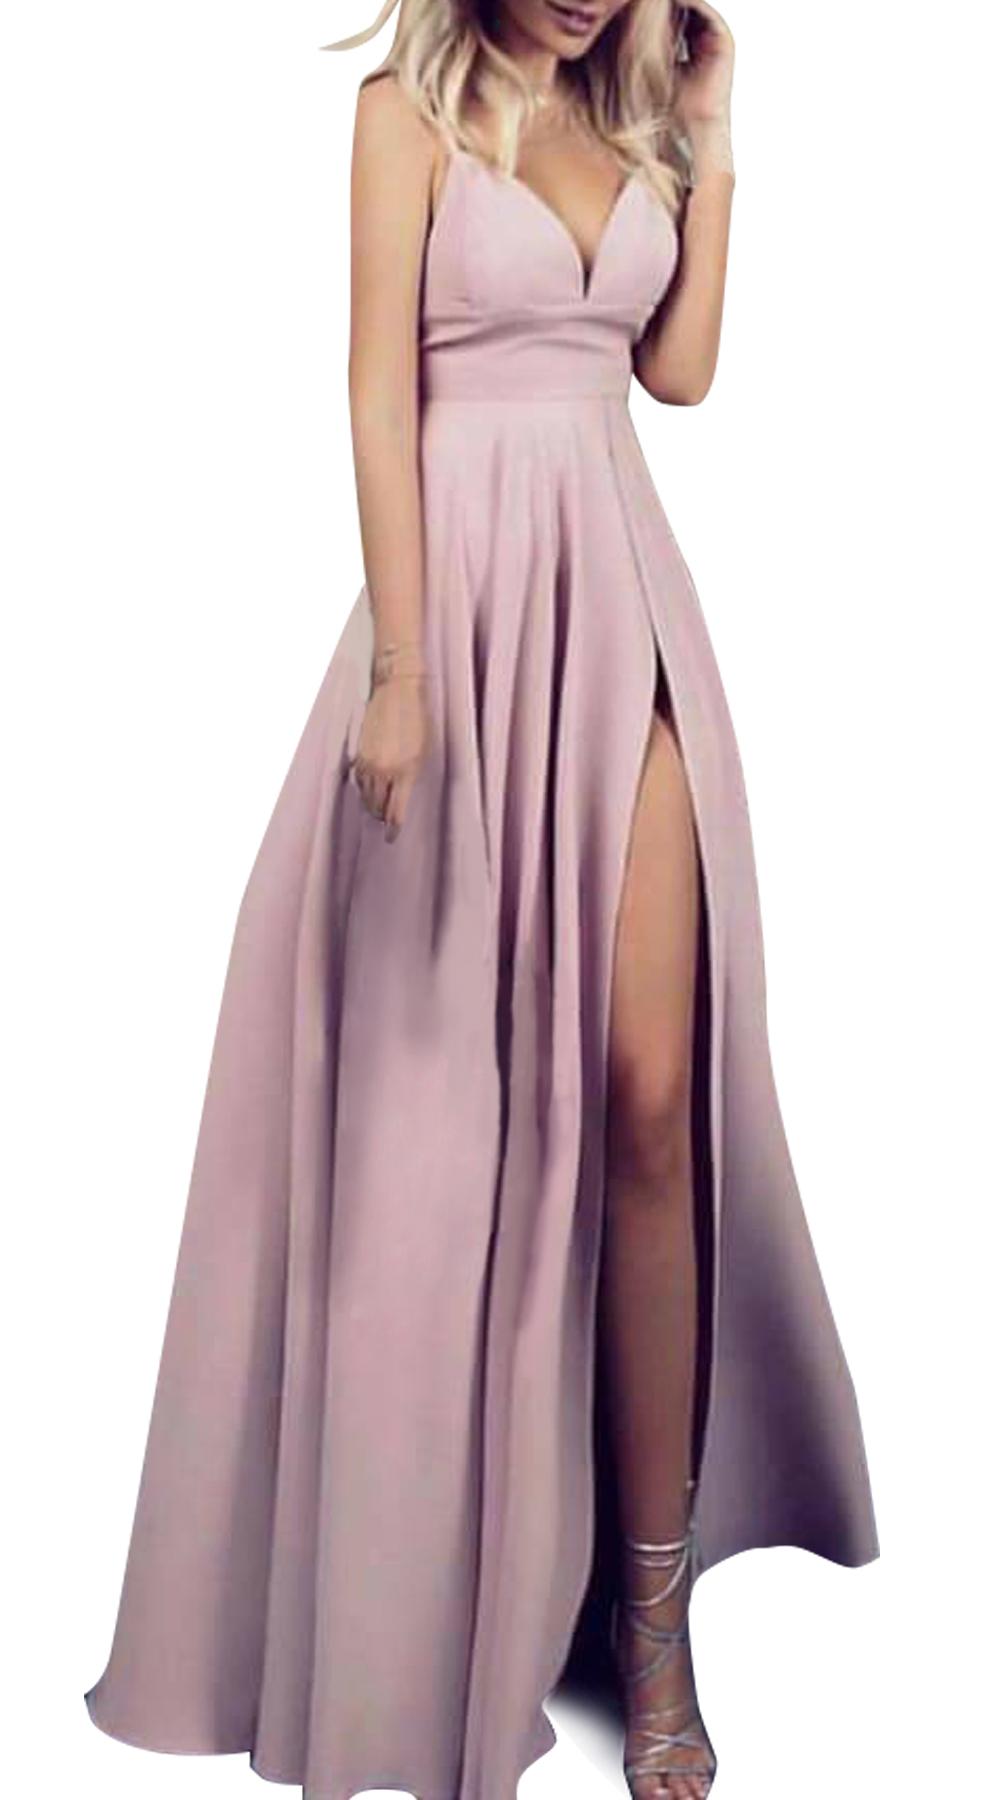 Μάξι φόρεμα με τιραντάκι Glam Pastel Online - ONLINE - SP18ON-592003 glam occassions wedding shop